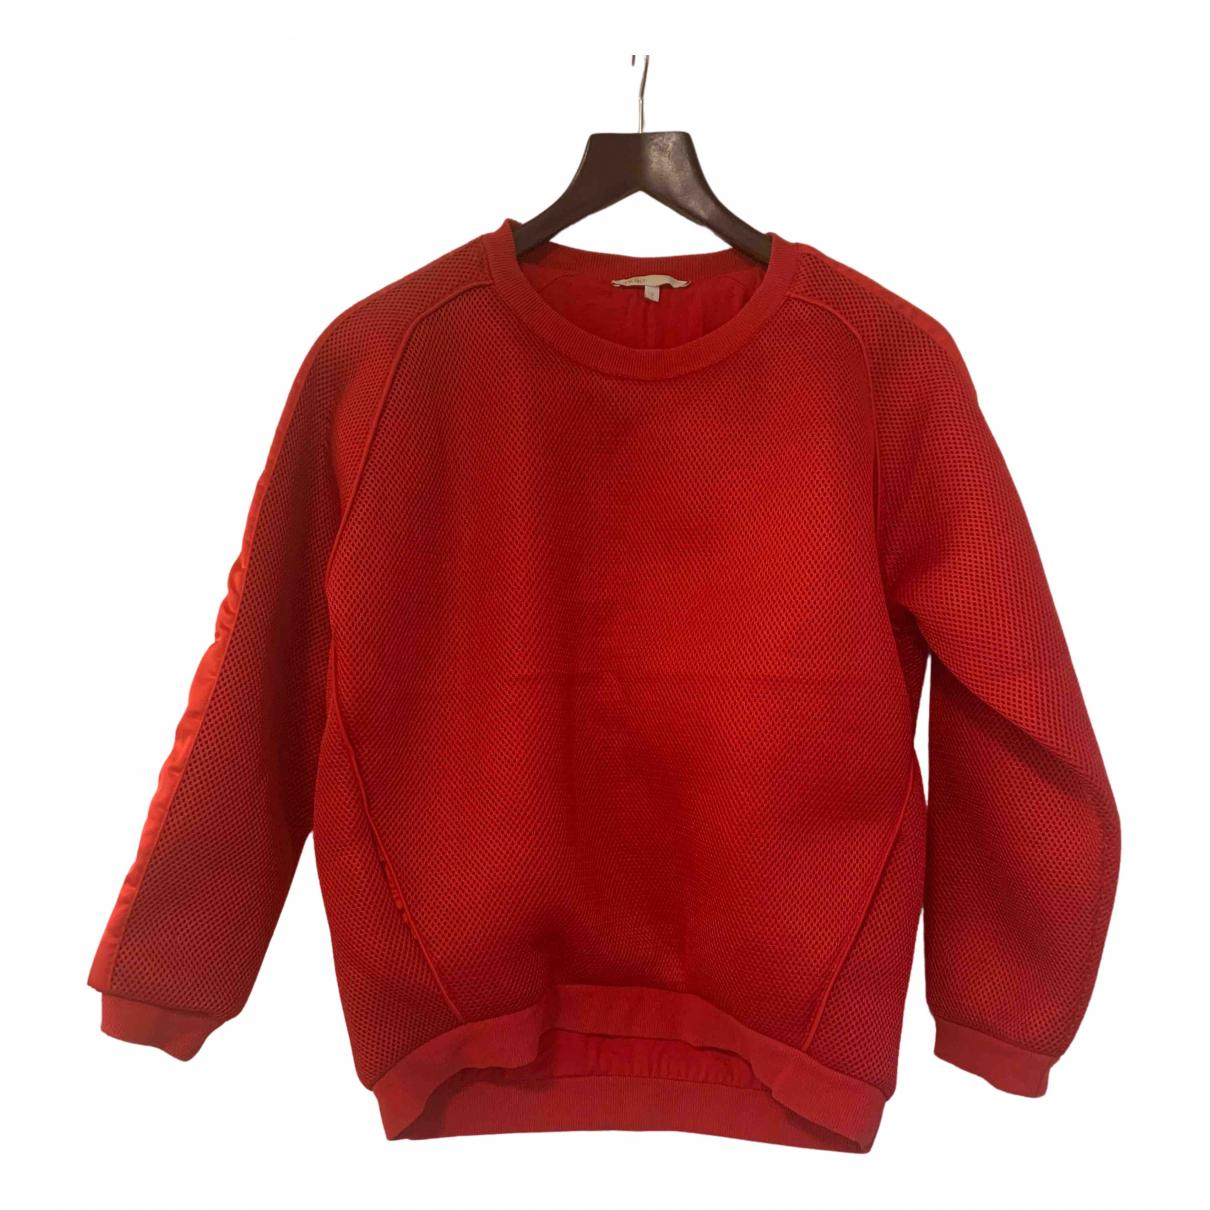 Maje N Red Knitwear for Women 2 0-5